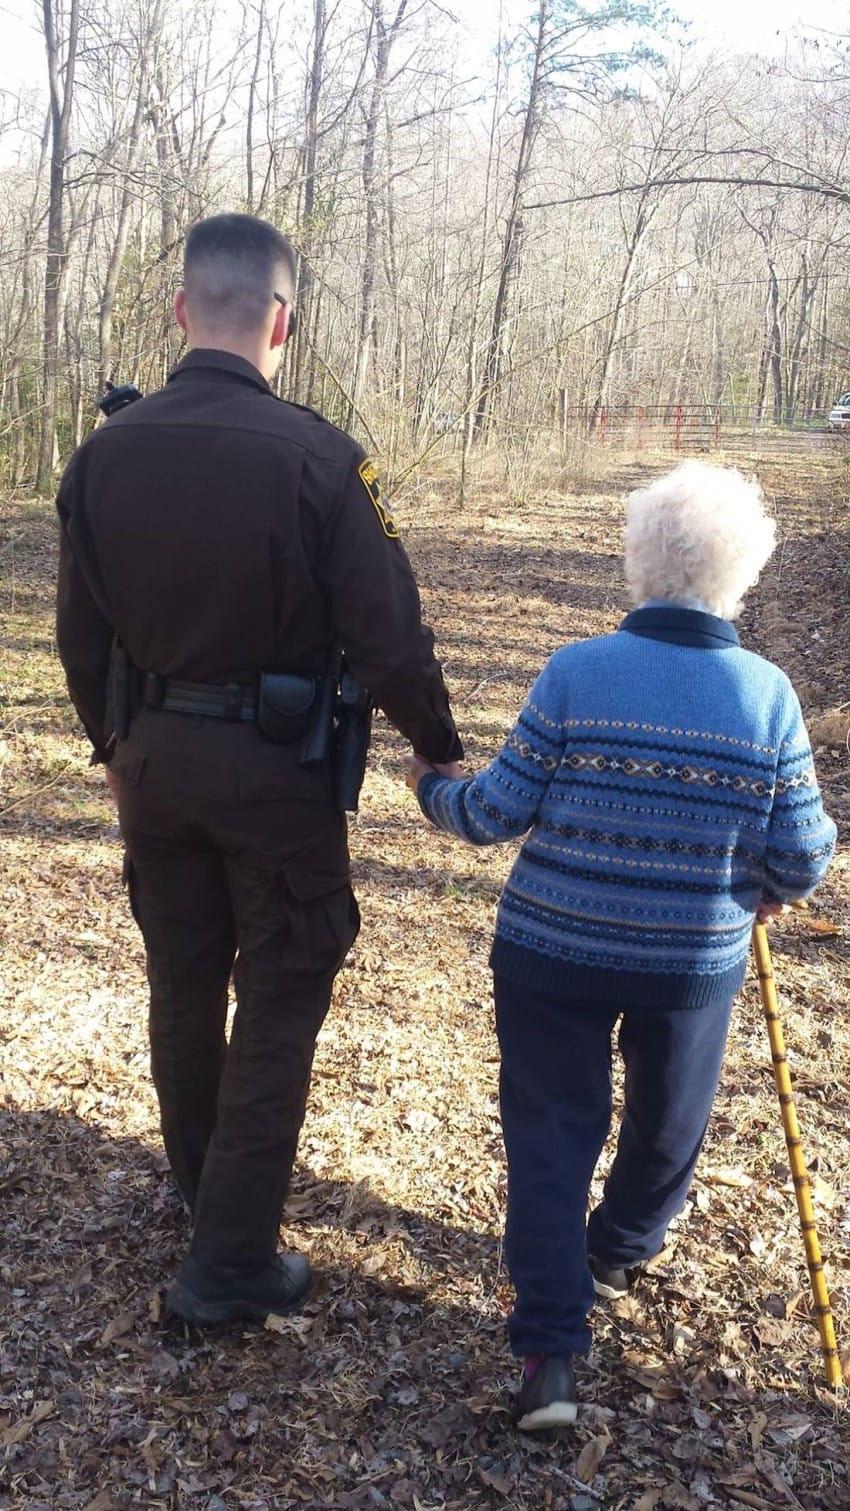 Esta señora de 81 años se perdió en el bosque. 40 minutos más tarde ven que la llevan de la mano